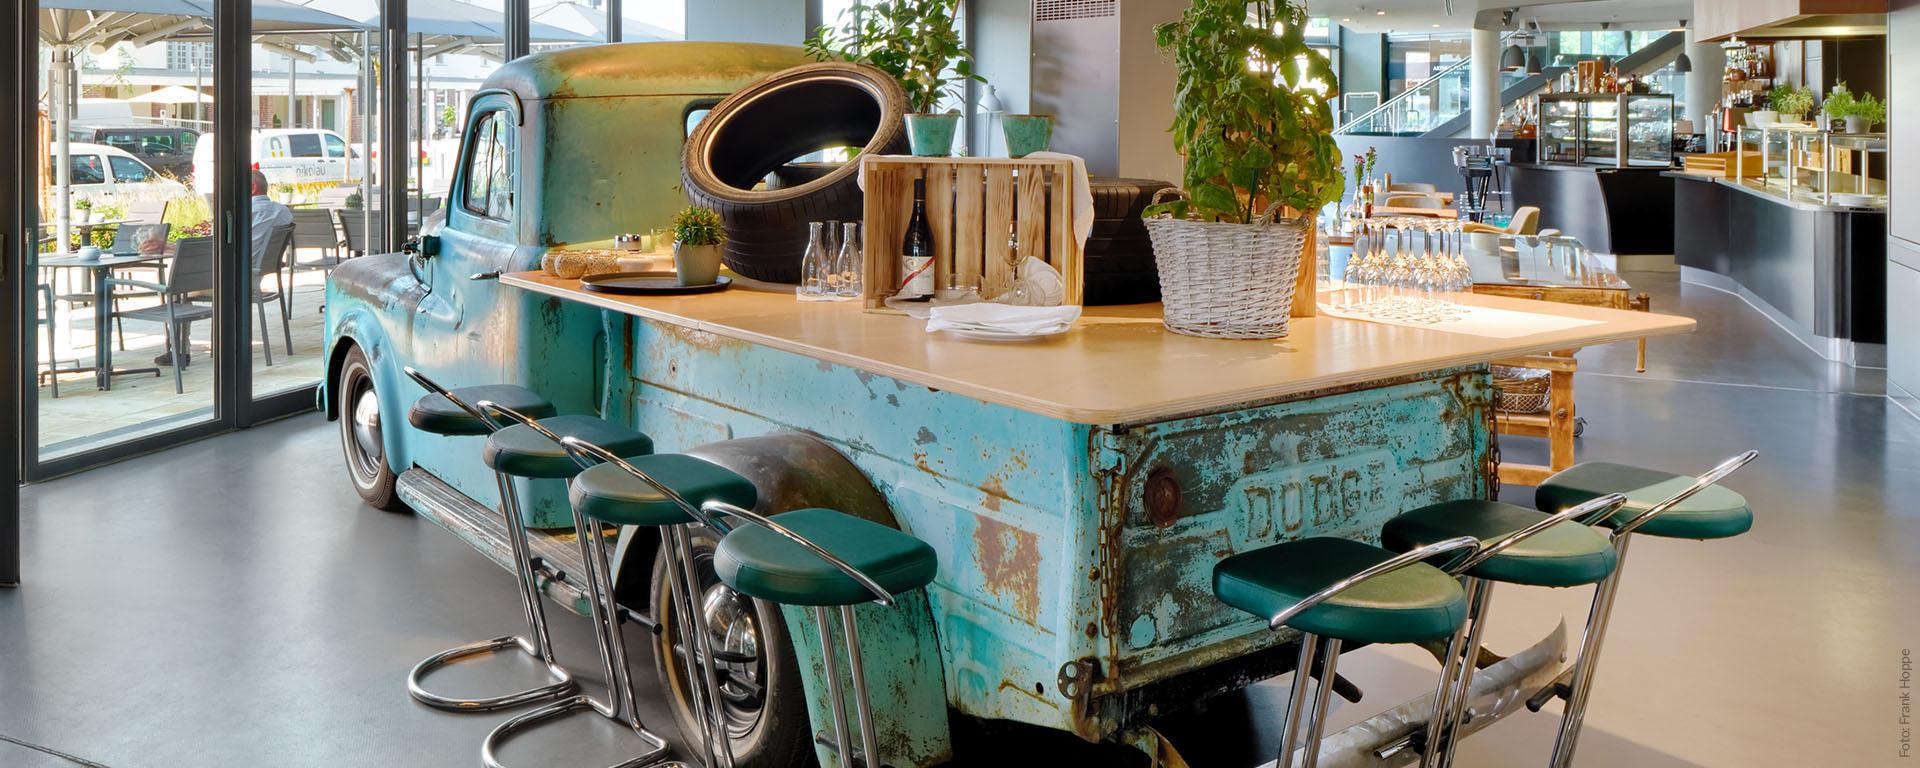 V8 HOTEL Restaurant & Bar PICK-UP in Böblingen/ Sindelfingen Flugfeld: gutbürgerlich Essen, Frühstück, Mittagessen, Abendessen - an der Bar relaxen.